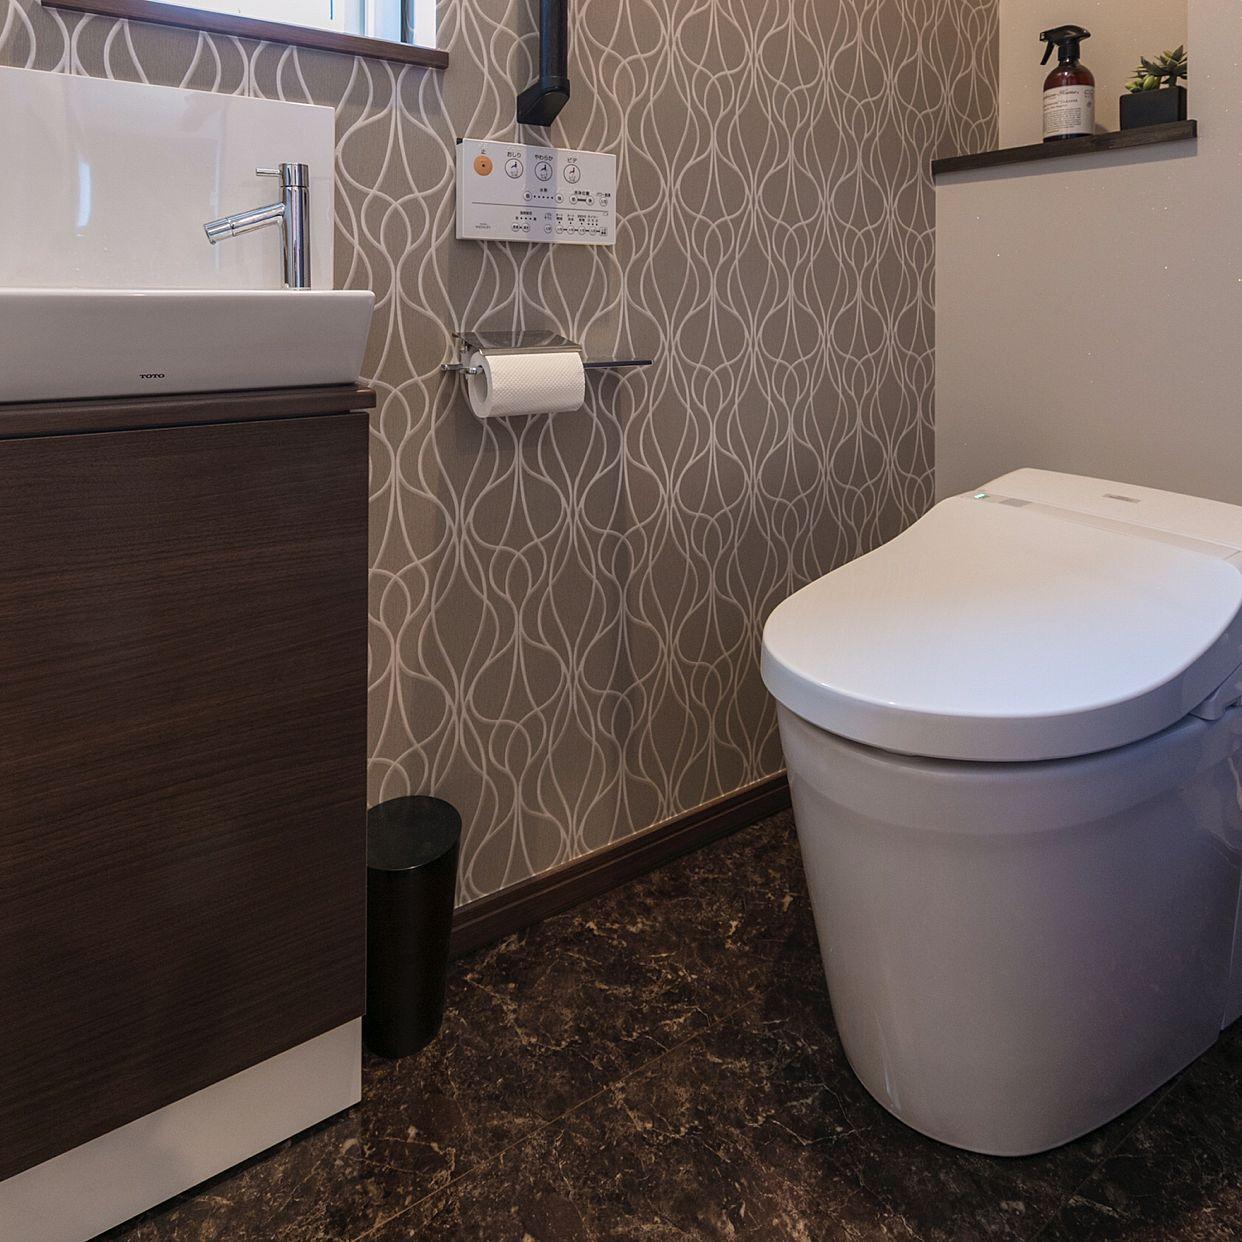 Totoトイレうちの壁紙はこれ壁紙アクセントクロスサンゲツ壁紙の トイレ アクセントクロス サンゲツ 壁紙 トイレ 壁紙